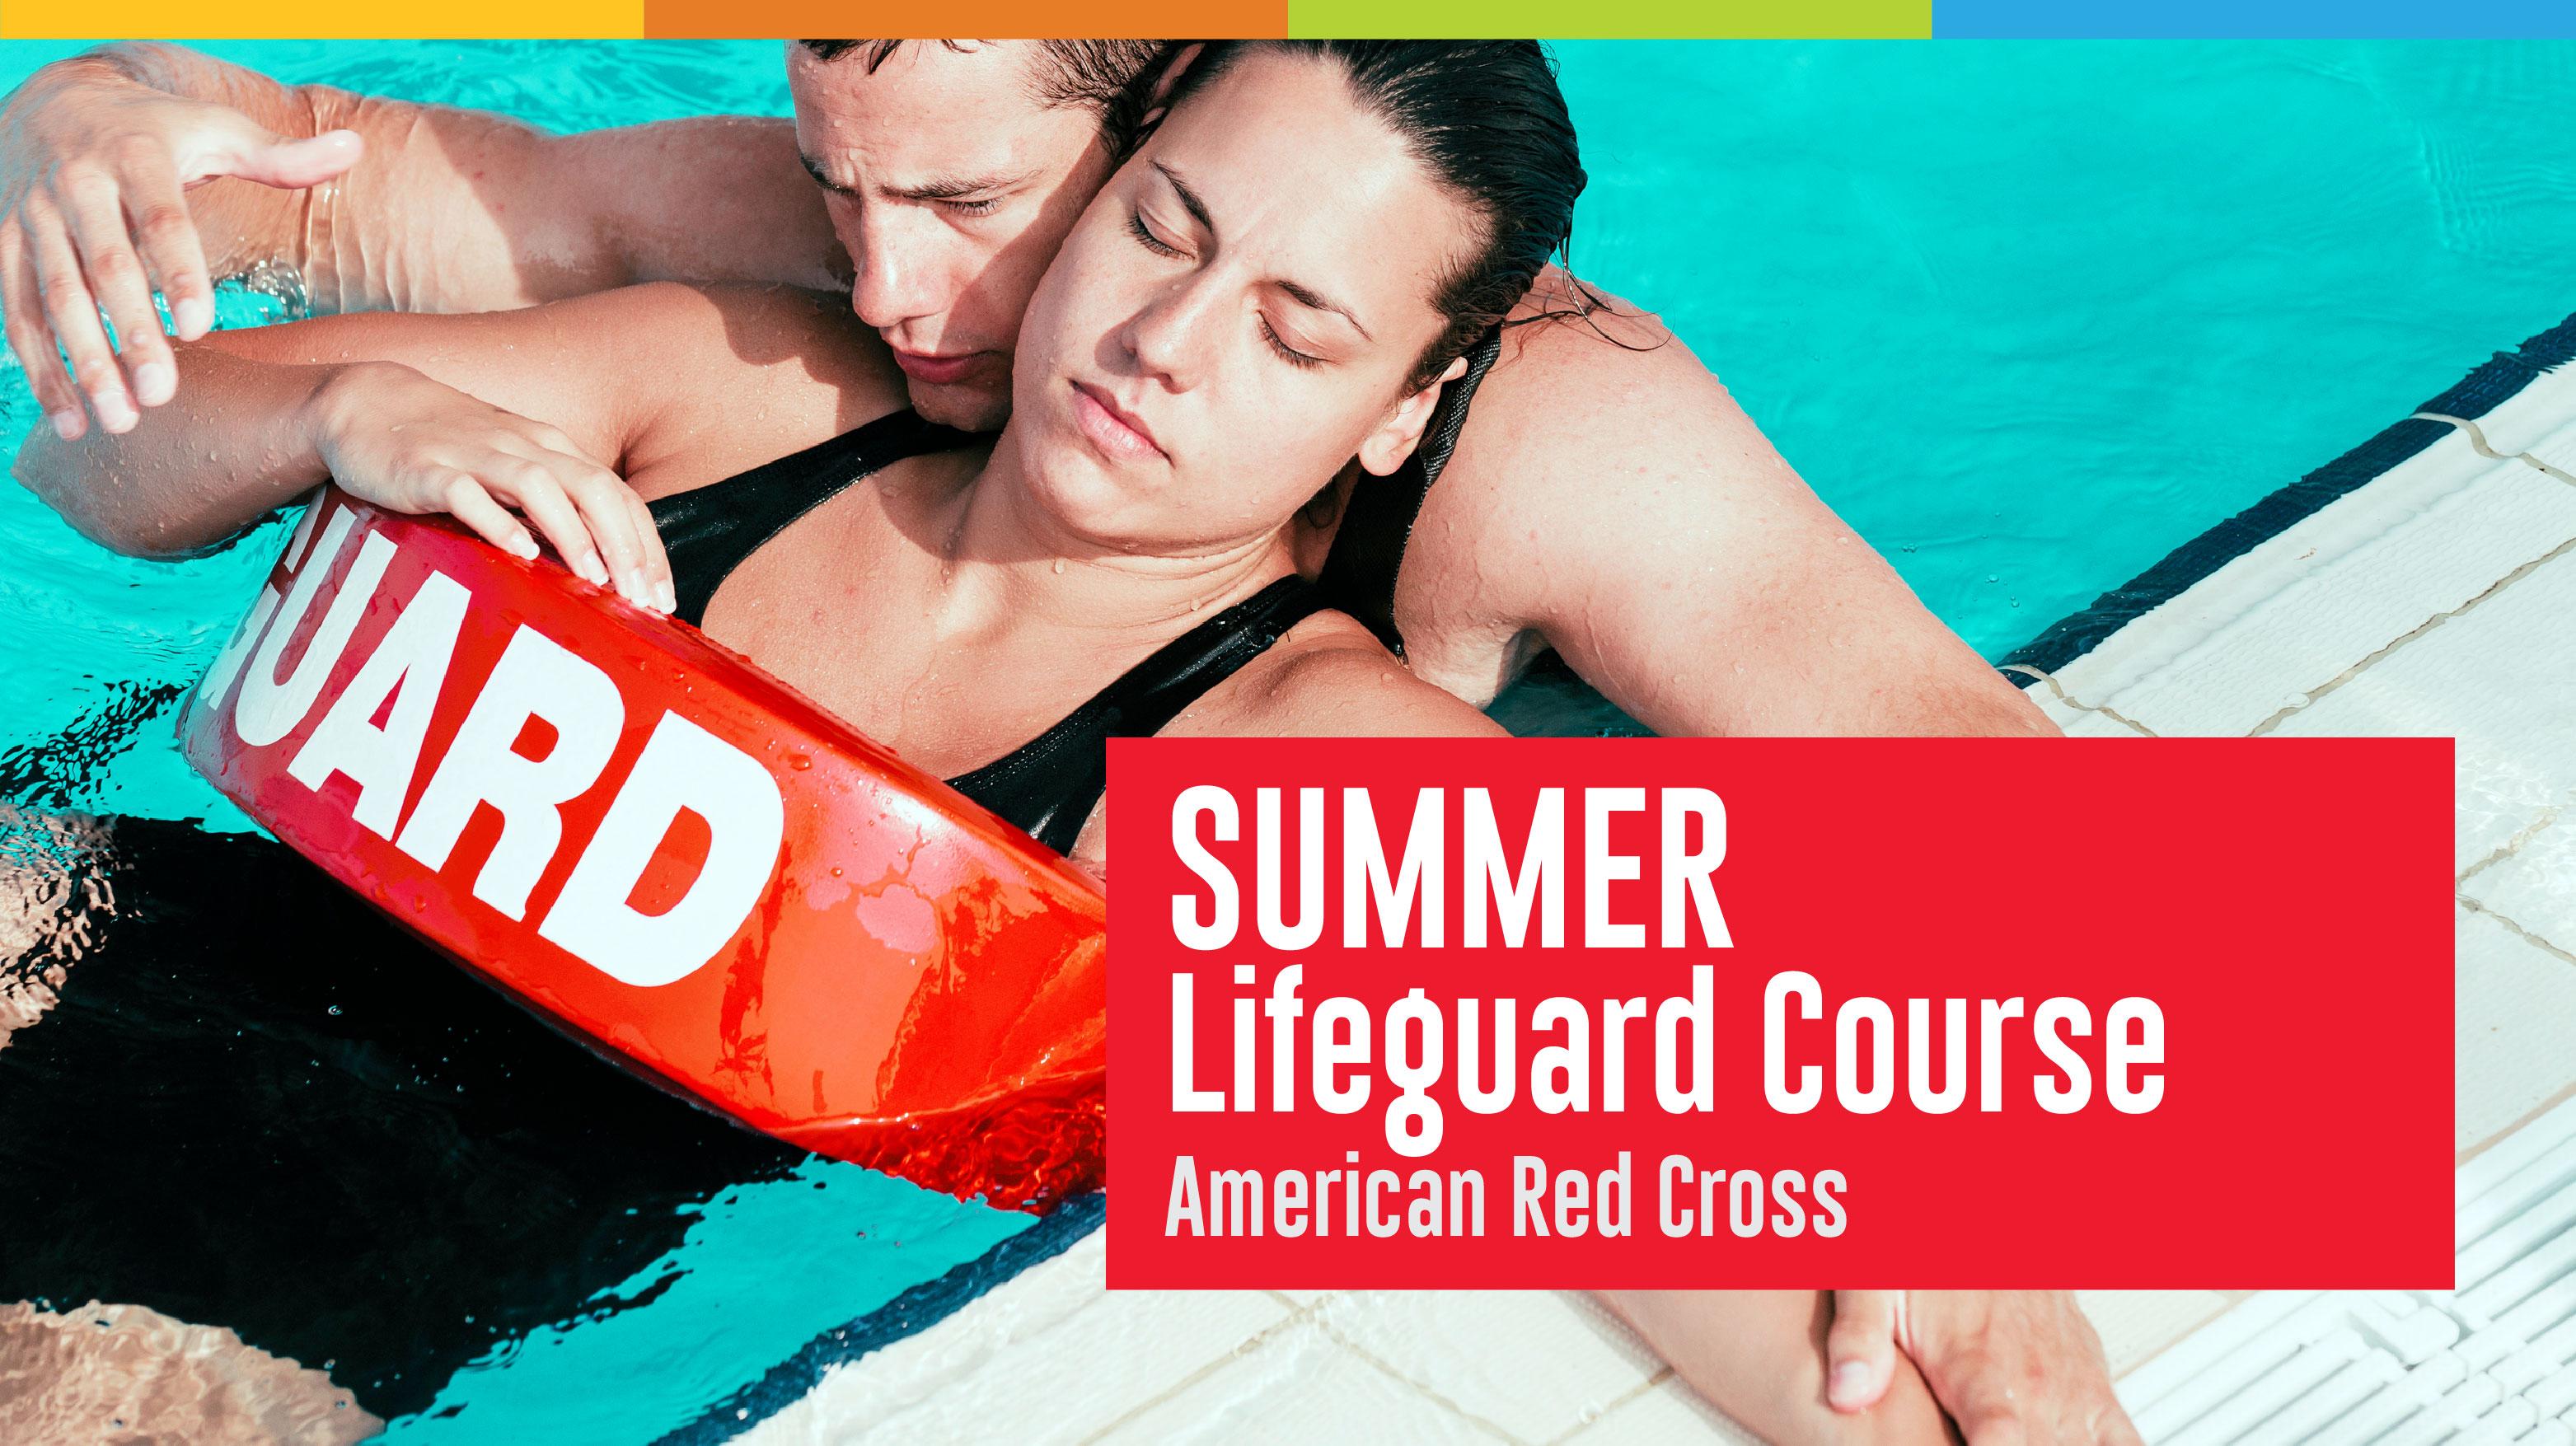 Summer Lifeguard Course